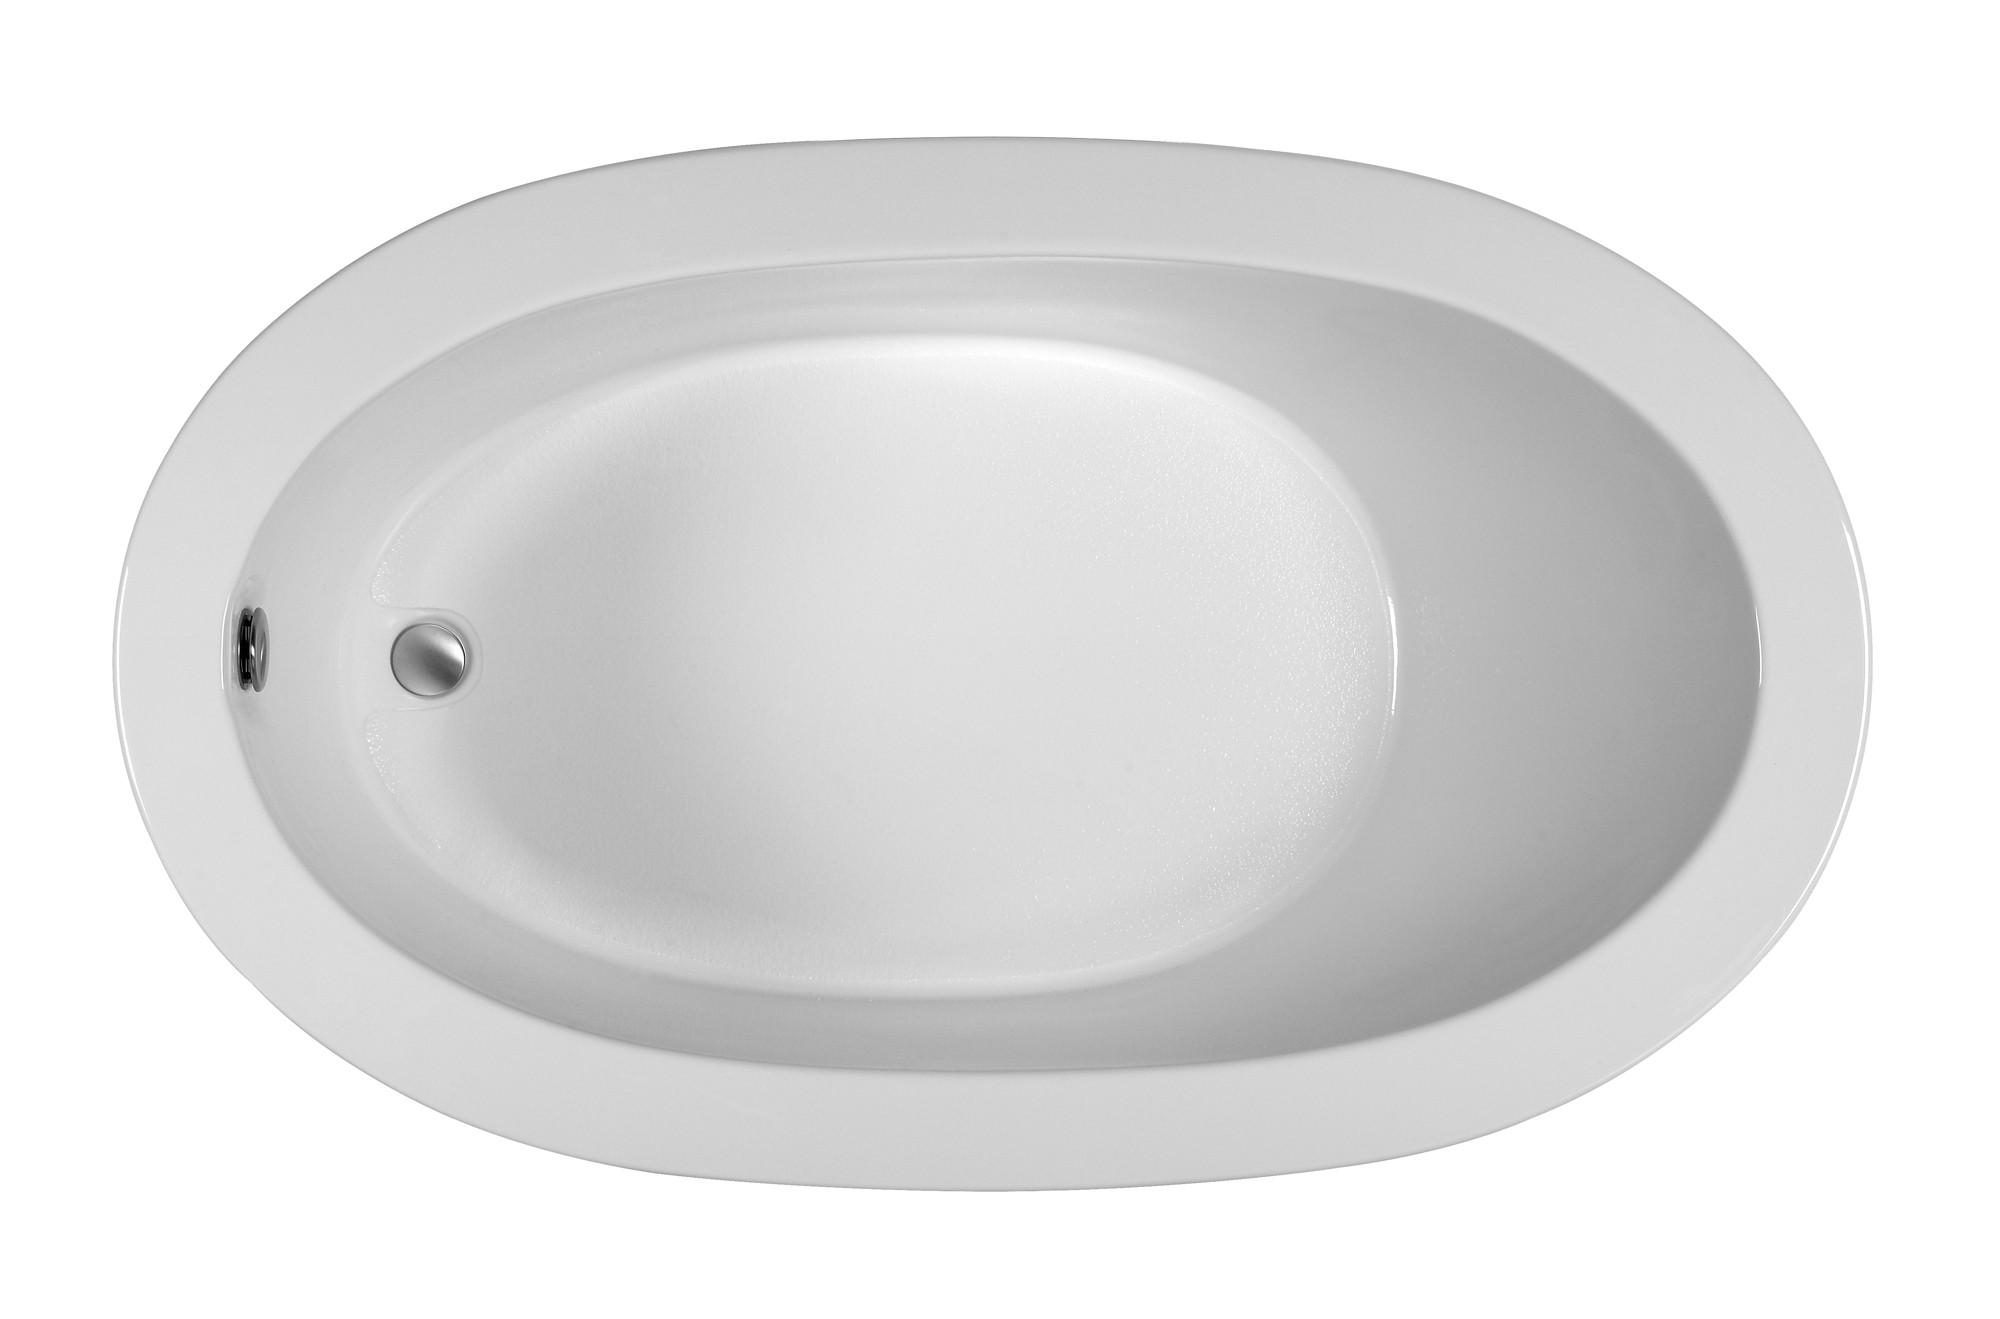 Reliance R6036ODIW 59.5 Inch Oval End Drain Whirlpool Bath